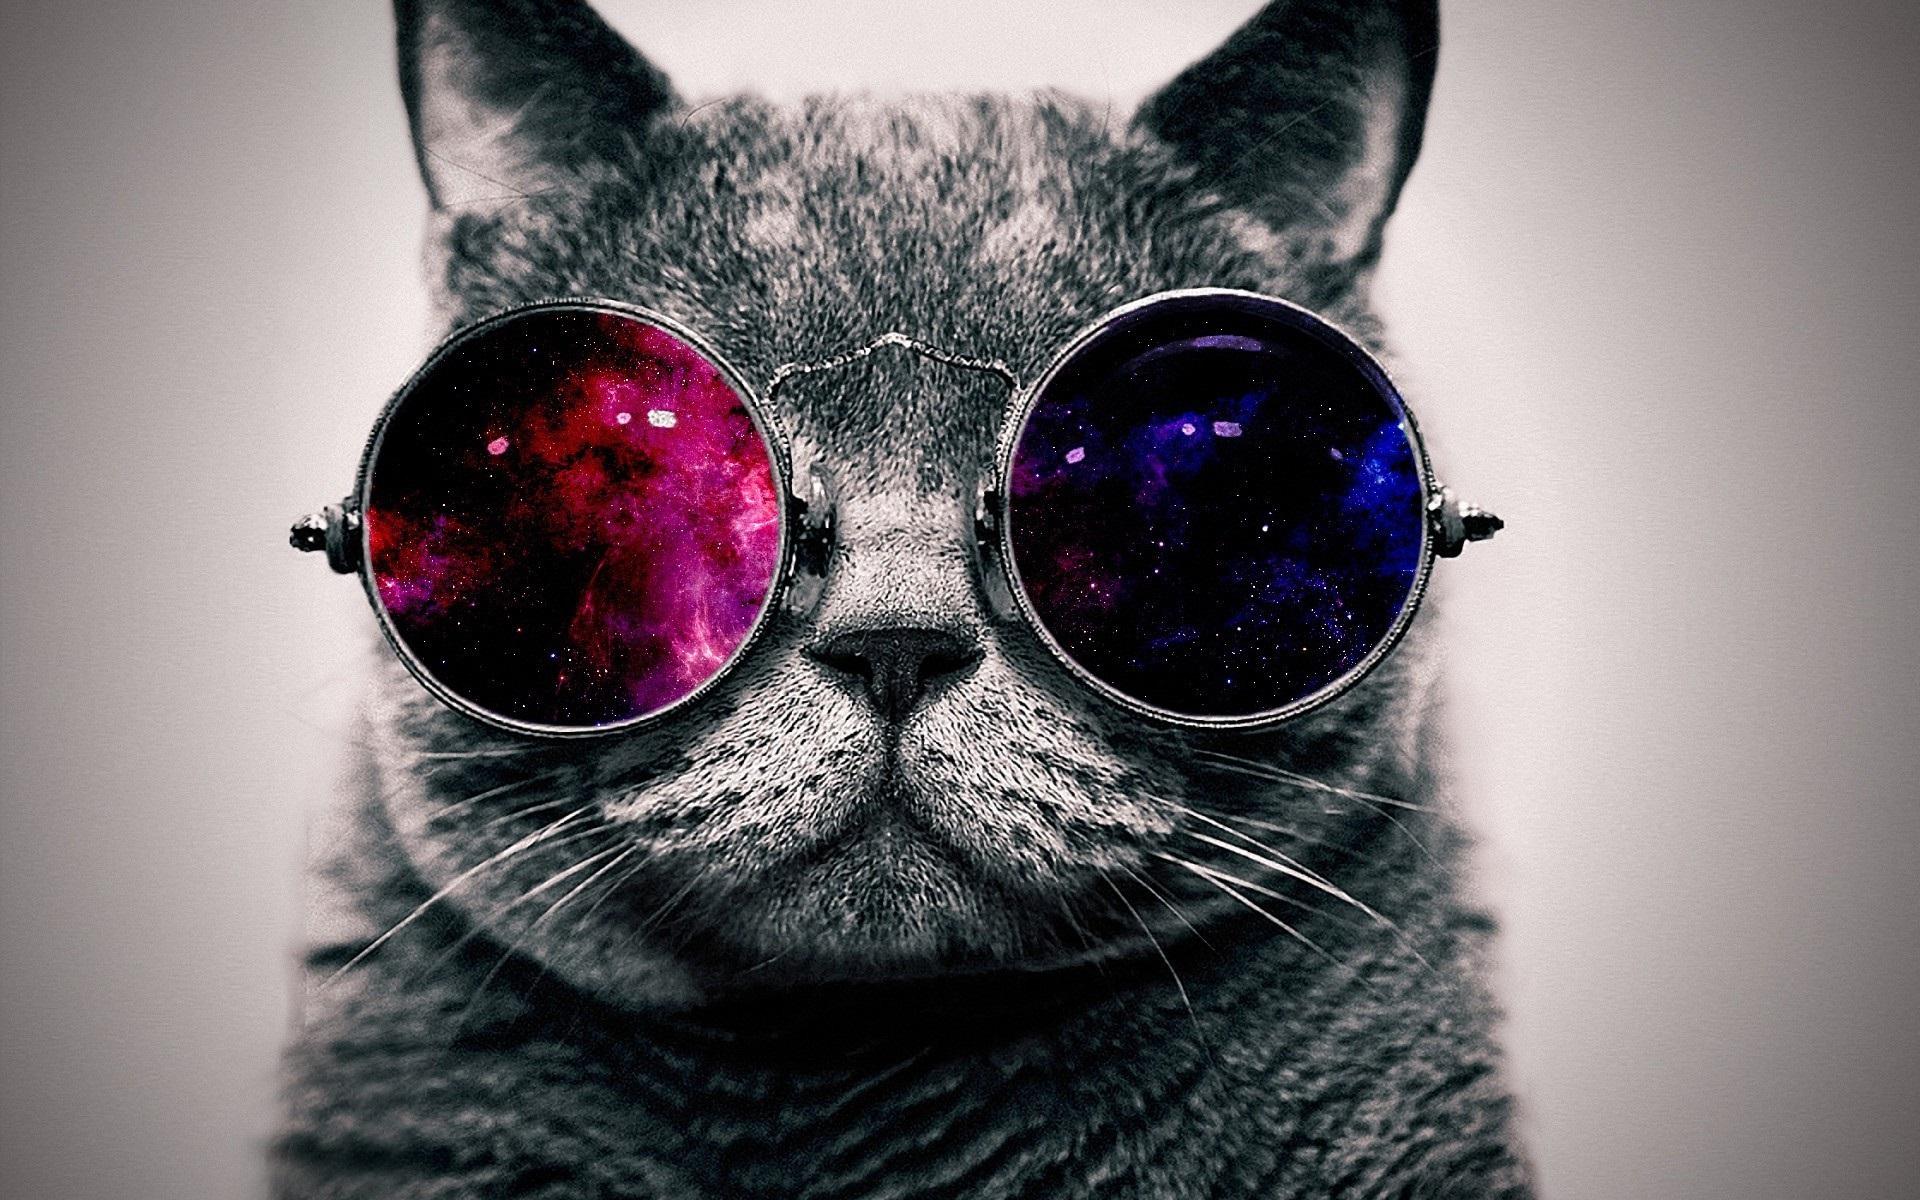 Фото на аву в вк с котом в очках